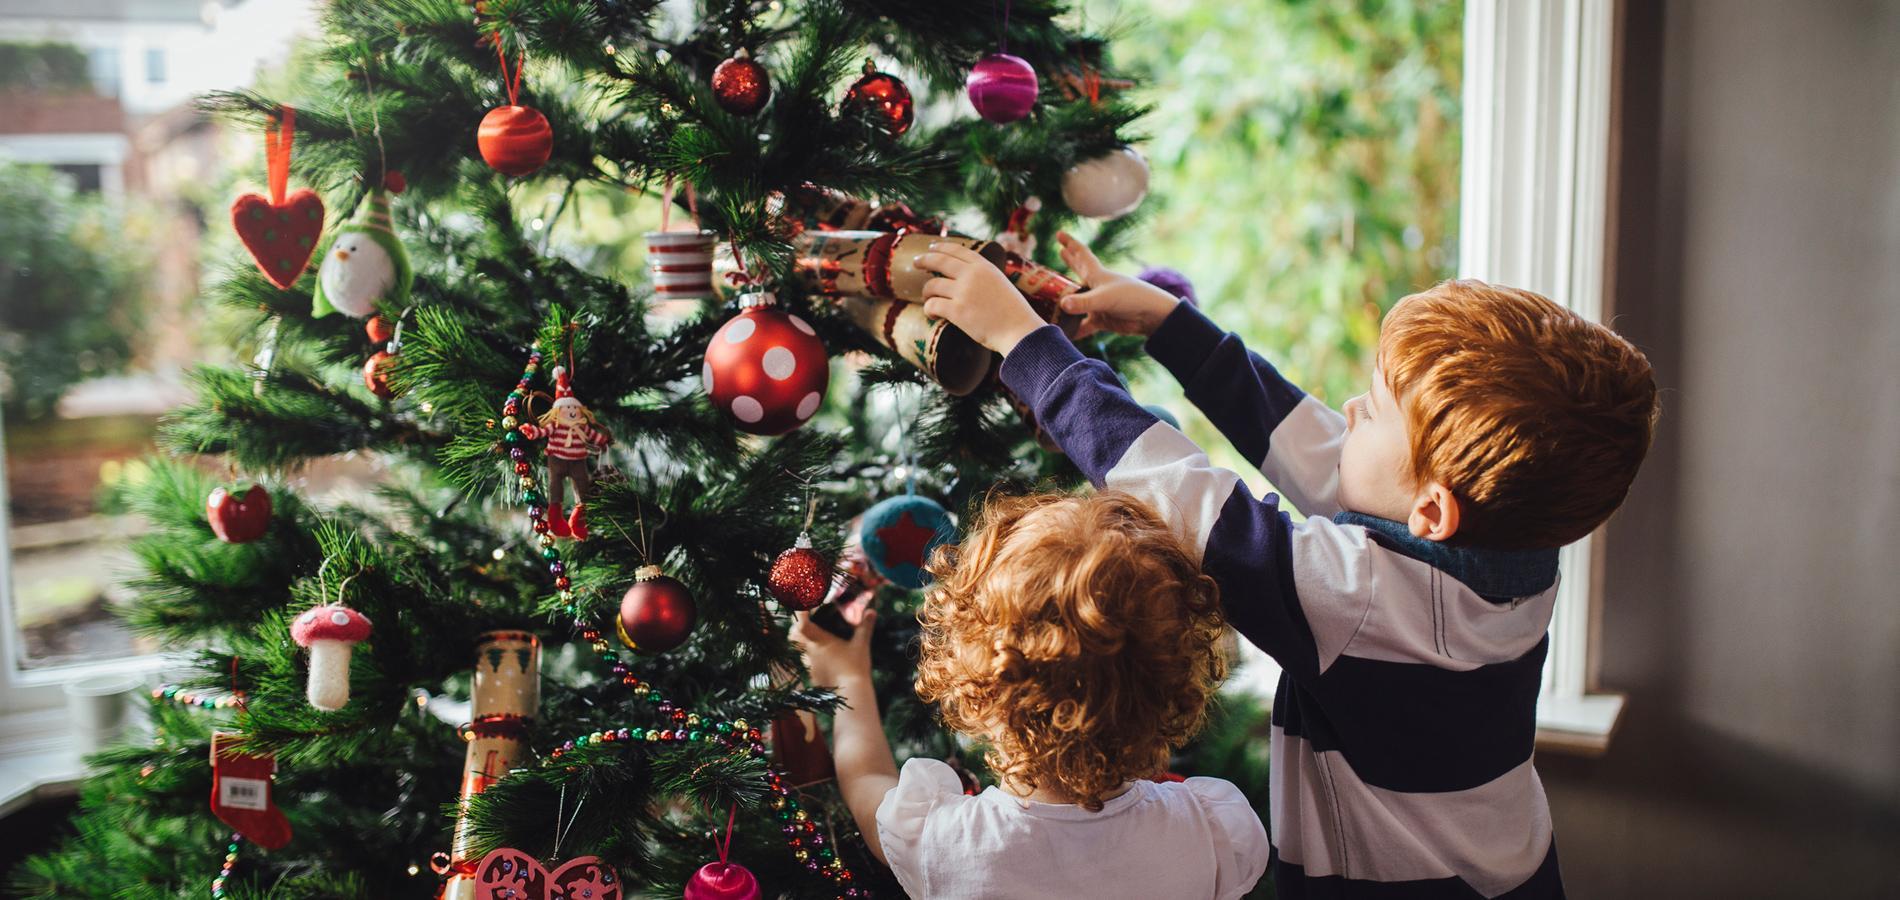 Les Conseils Pratiques Et Avises Pour Un Sapin De Noel Parfait